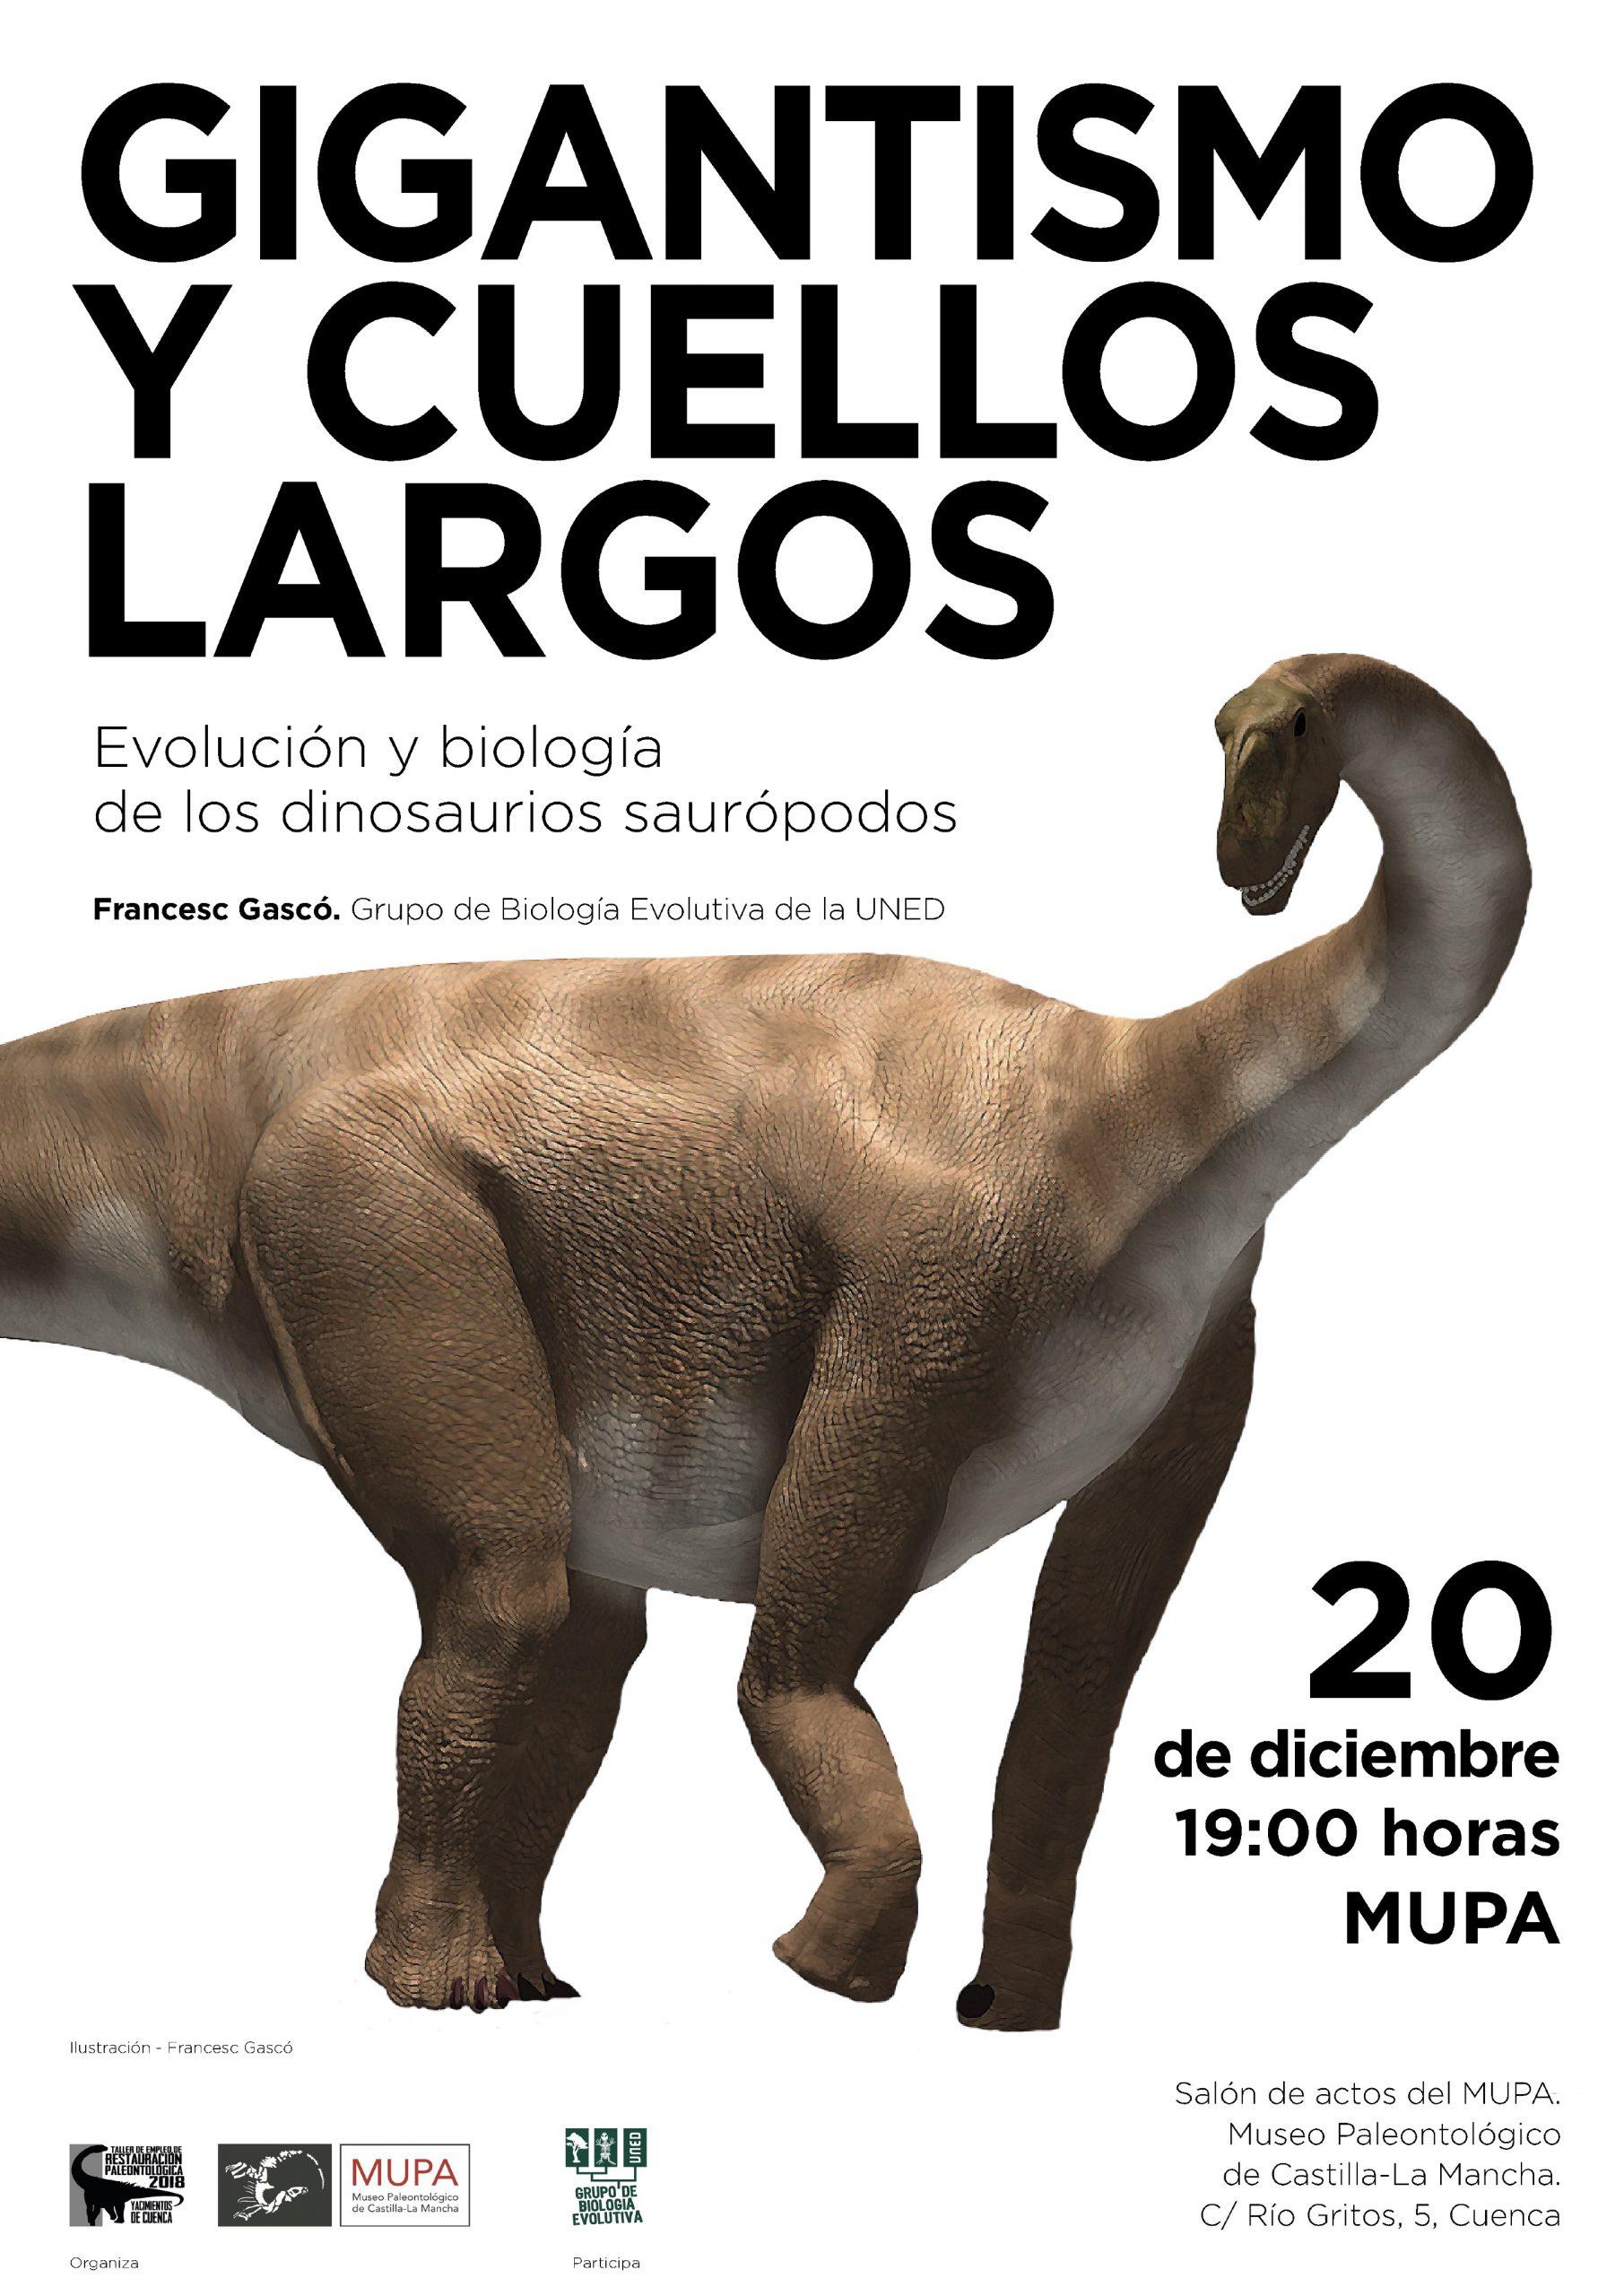 Conoce mejor a los dinosaurios gigantes de cuello largo, los saurópodos